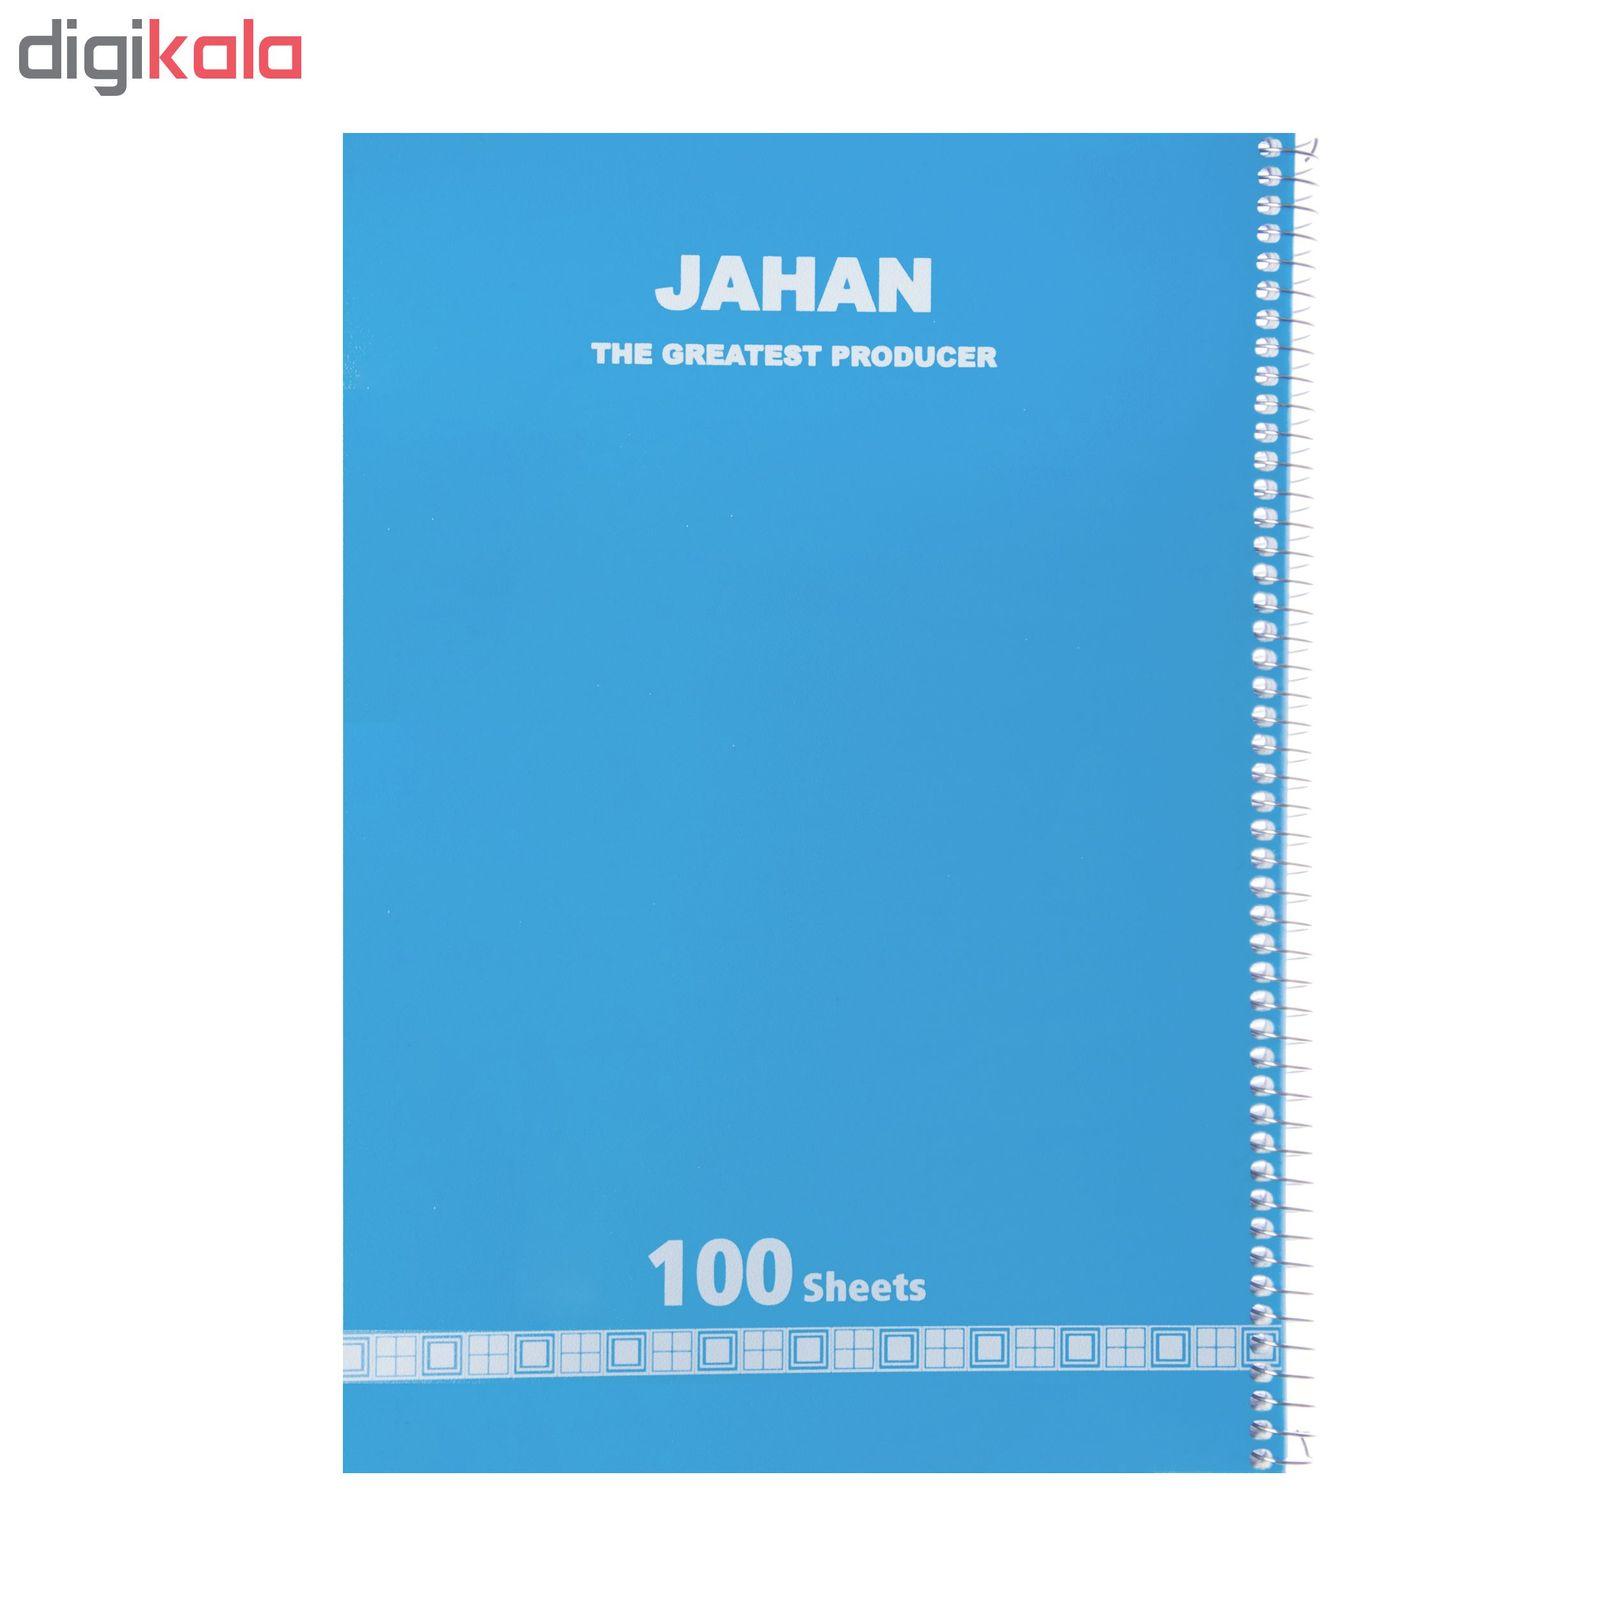 دفتر مشق 100 برگ جهان کد 100JTH99MOR main 1 8